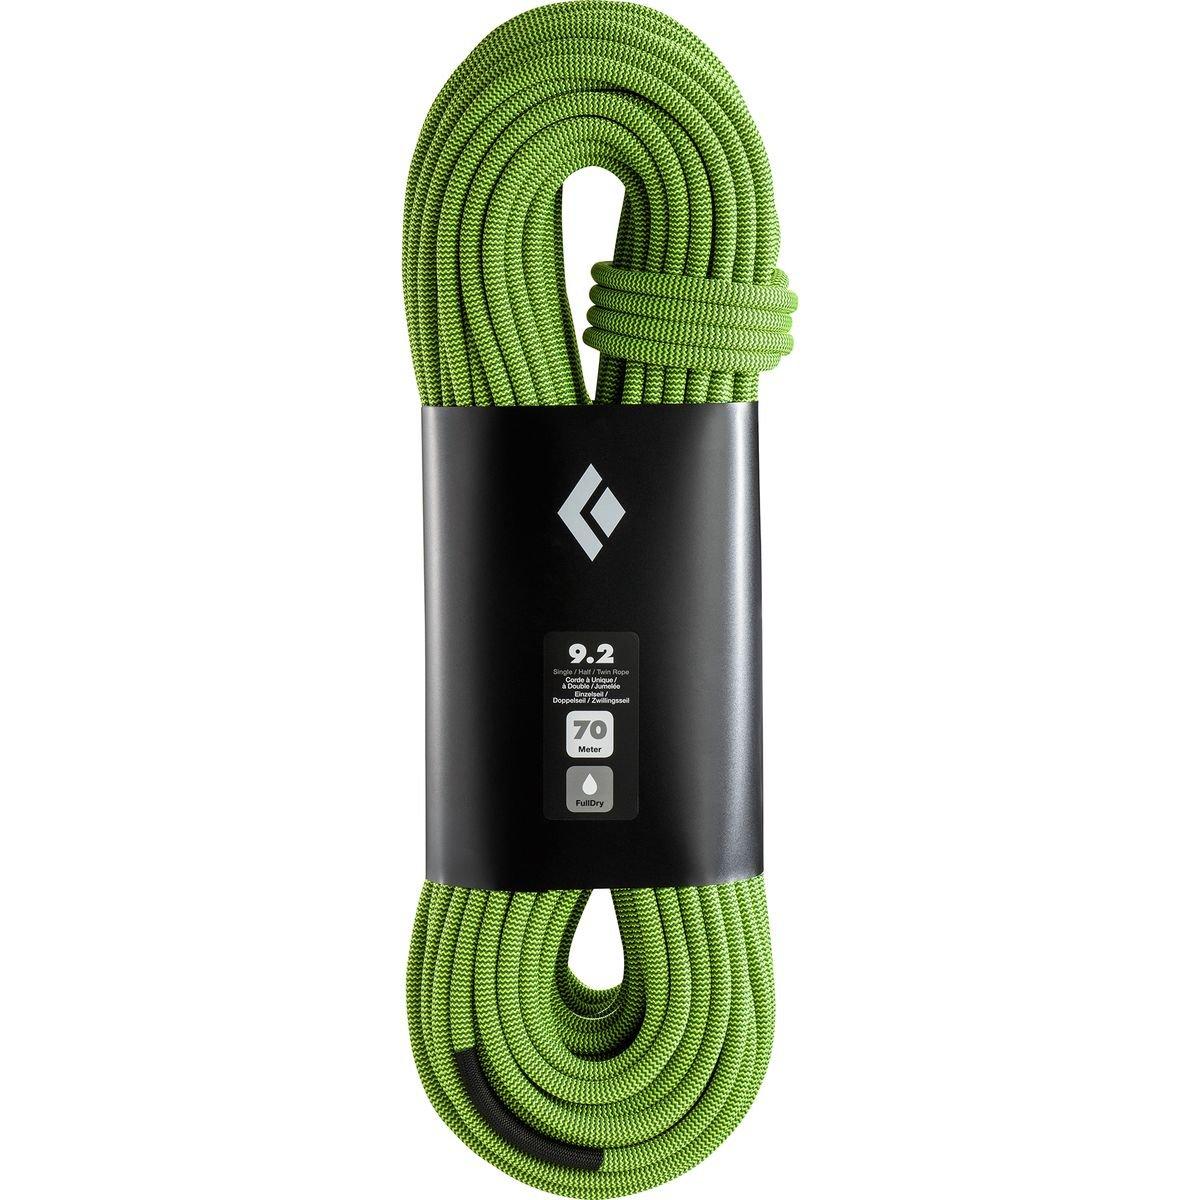 ブラックダイヤモンド9.2 MMダイナミッククライミングロープ B01MA3WXCM  Dual Yellow Green 70 M